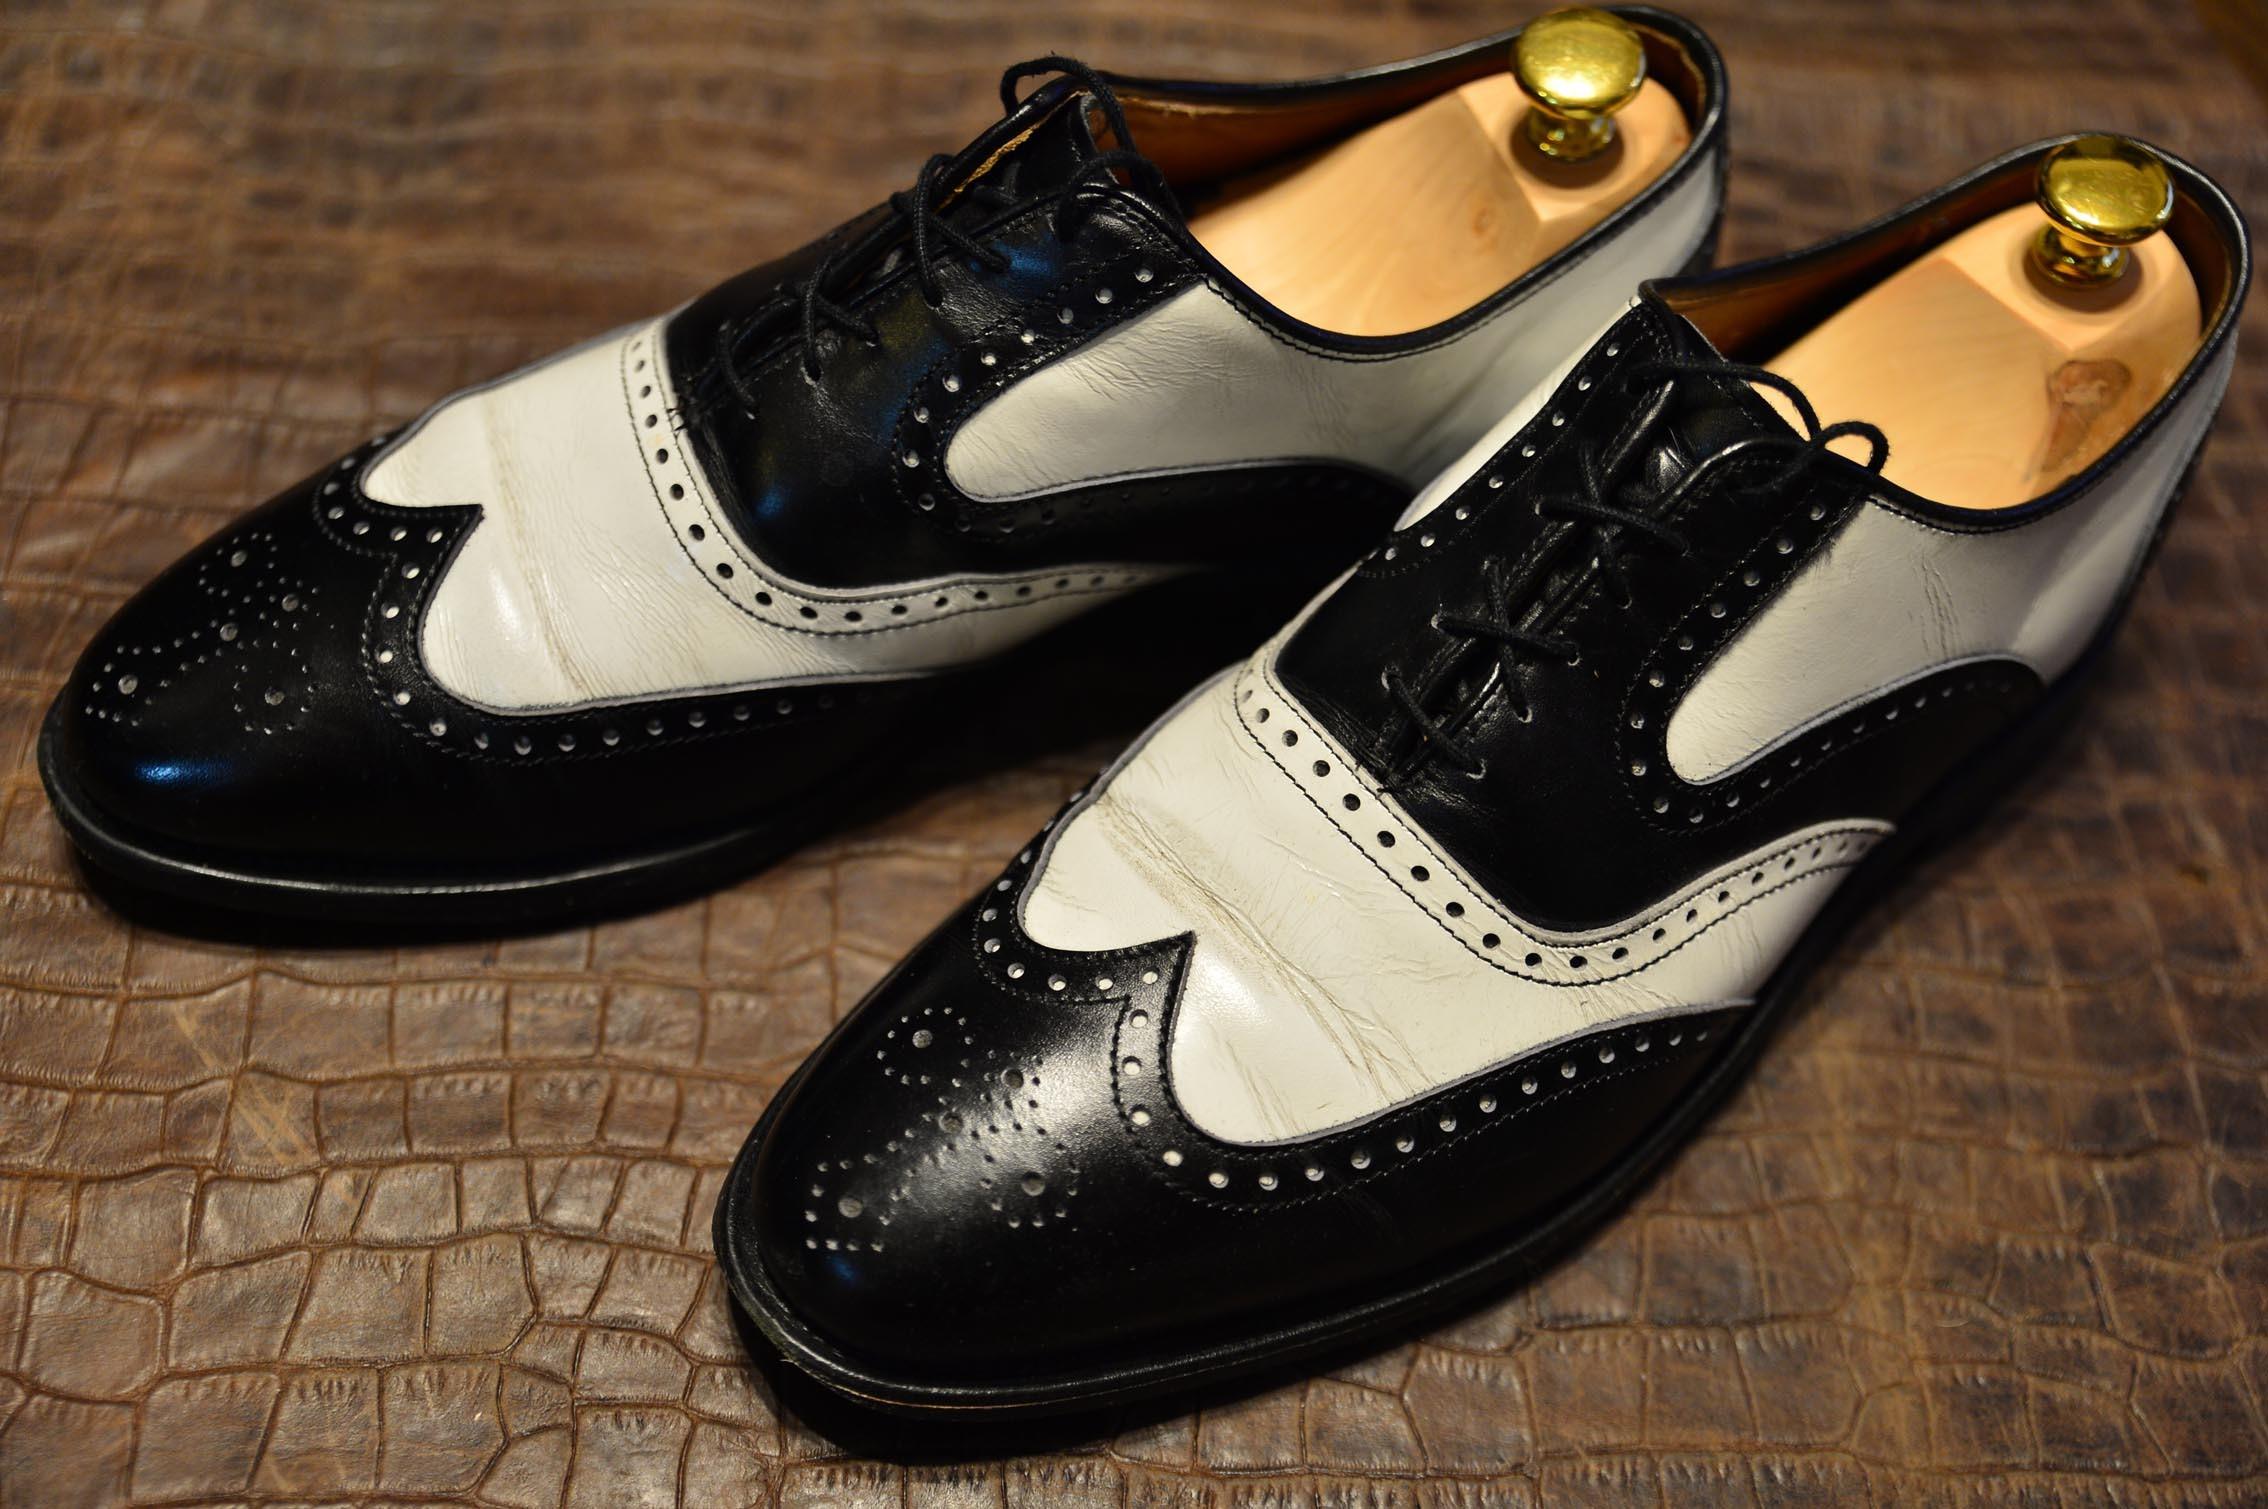 アレン・エドモンズの靴1_b0310424_15130388.jpg